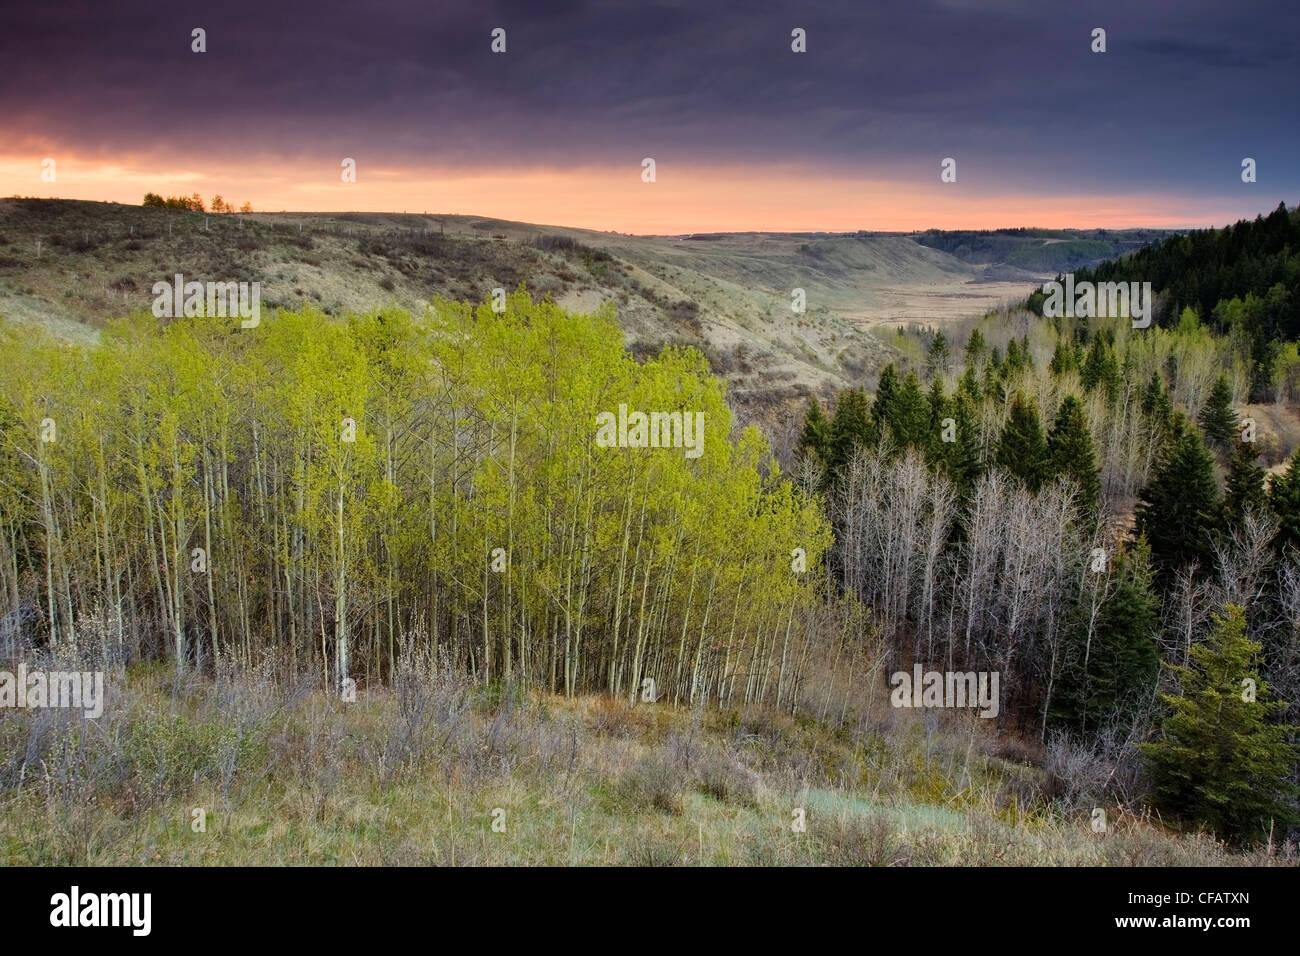 Le lever du soleil sur les tremblaies à Big Hill Springs Provincial Park, Cochrane, Alberta, Canada Photo Stock